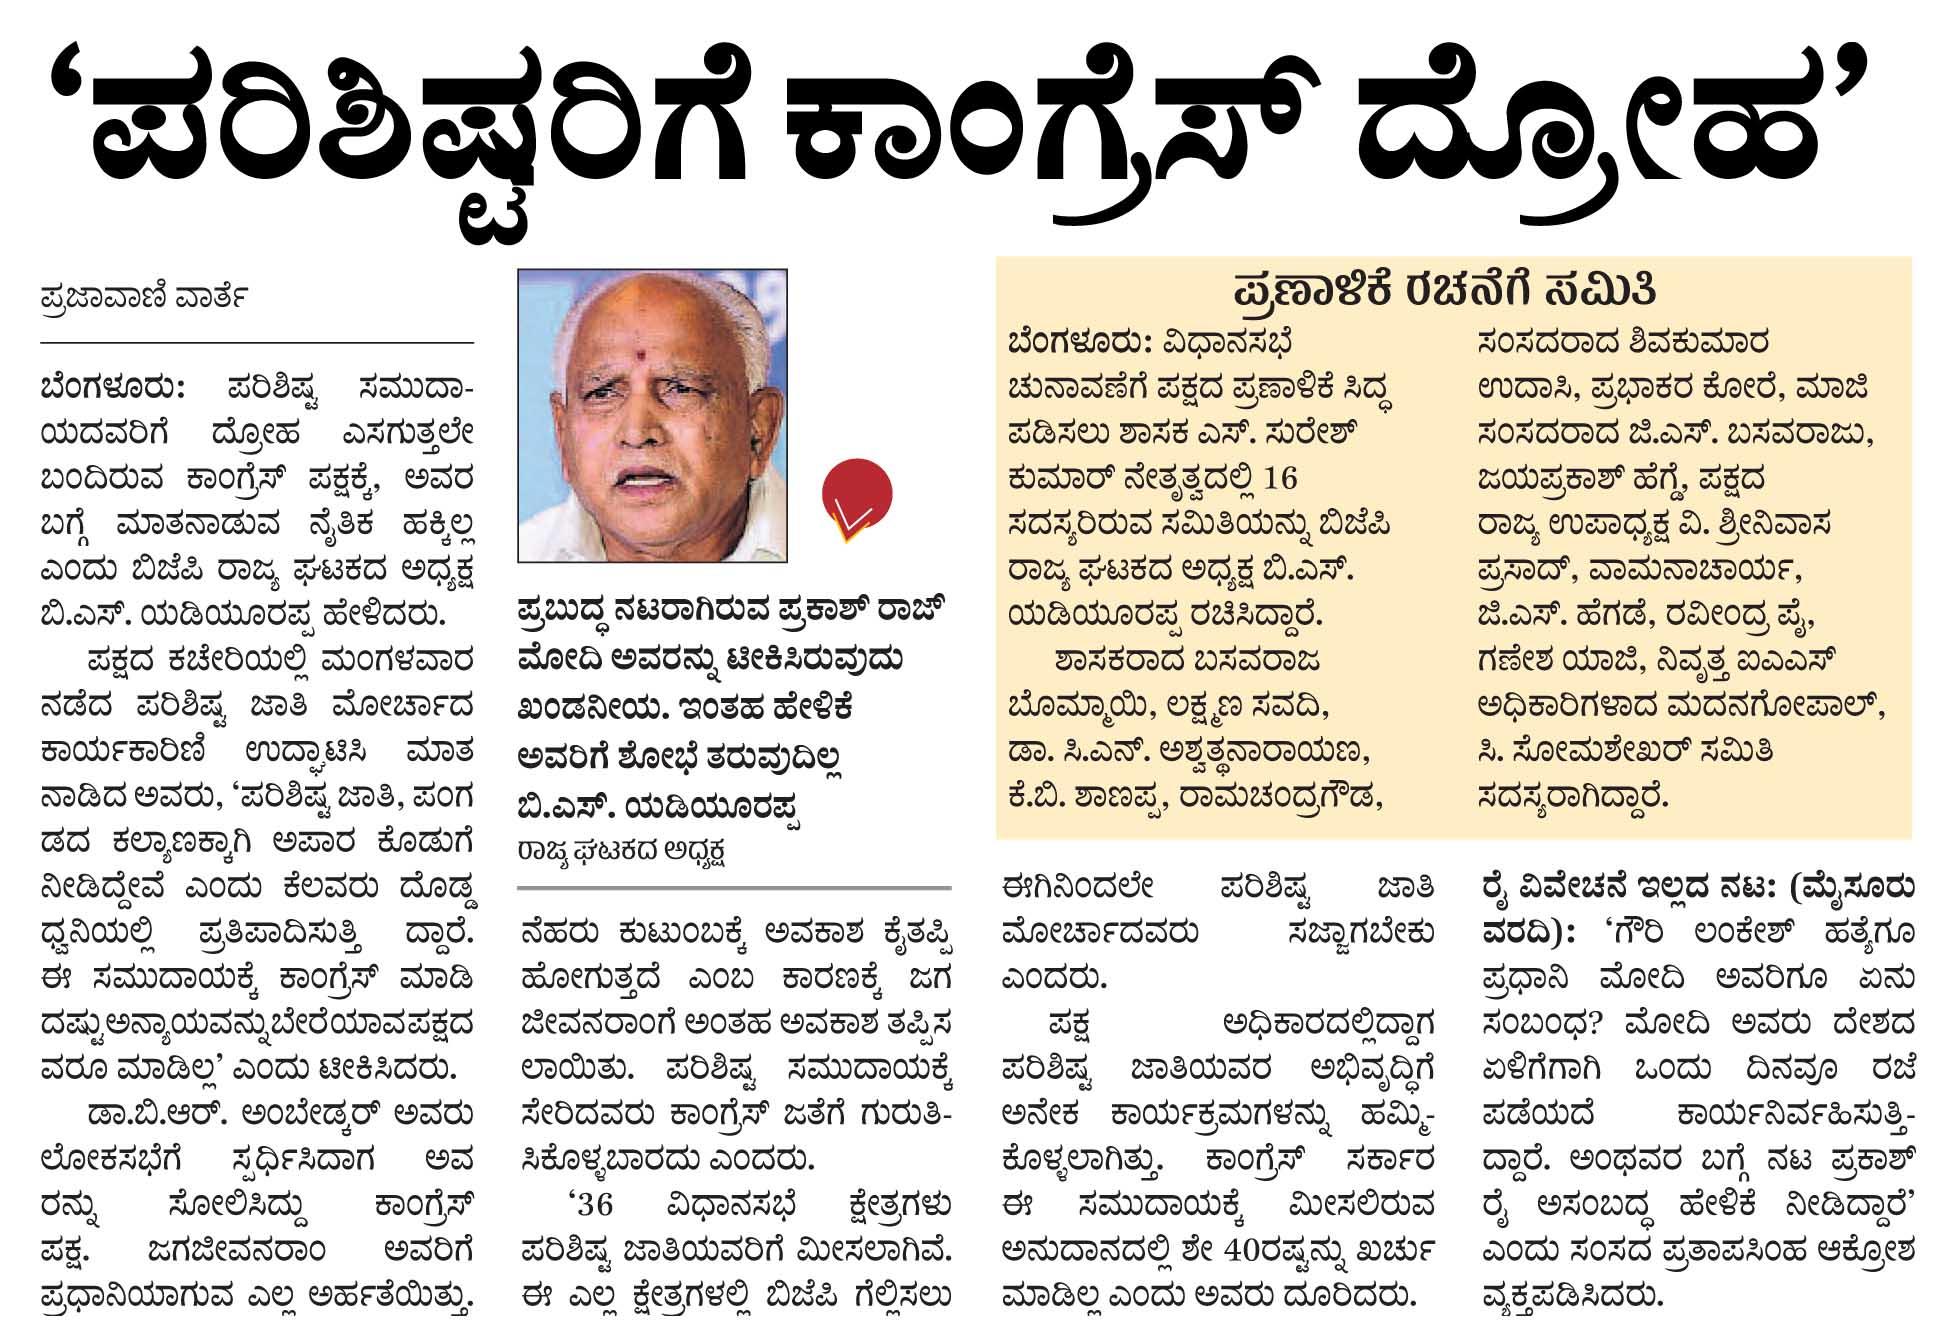 'ಪರಿಶಿಷ್ಟರಿಗೆ ಕಾಂಗ್ರೆಸ್ ದ್ರೋಹ'